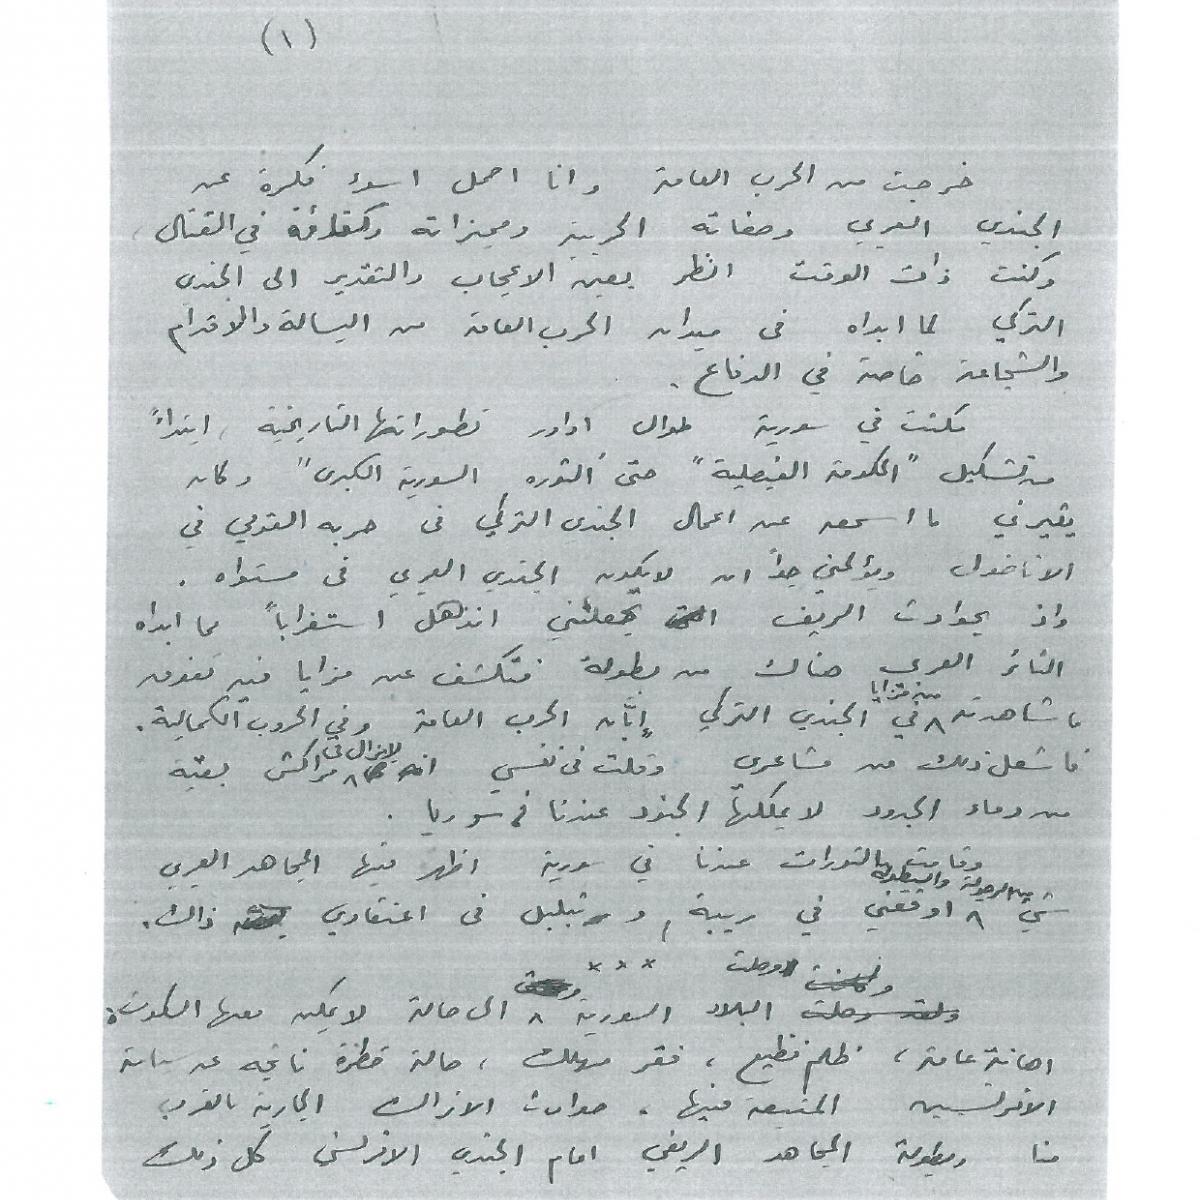 الورقة الأولى